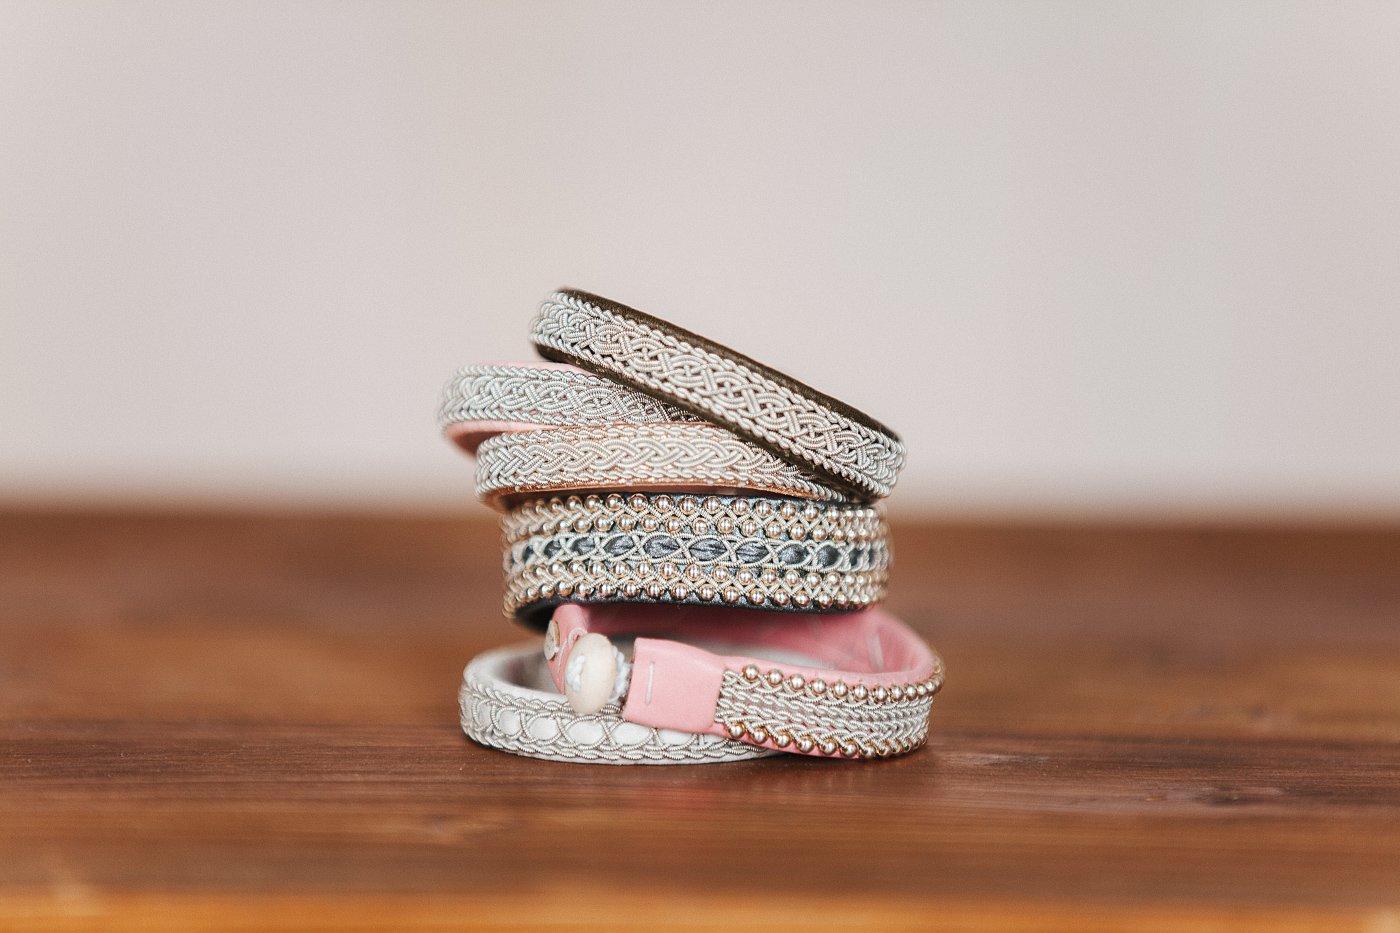 conny-doll-lifestyle: Munich-Saami-Armbänder, Schmuck, Lederbänder, einzigartig, besonders